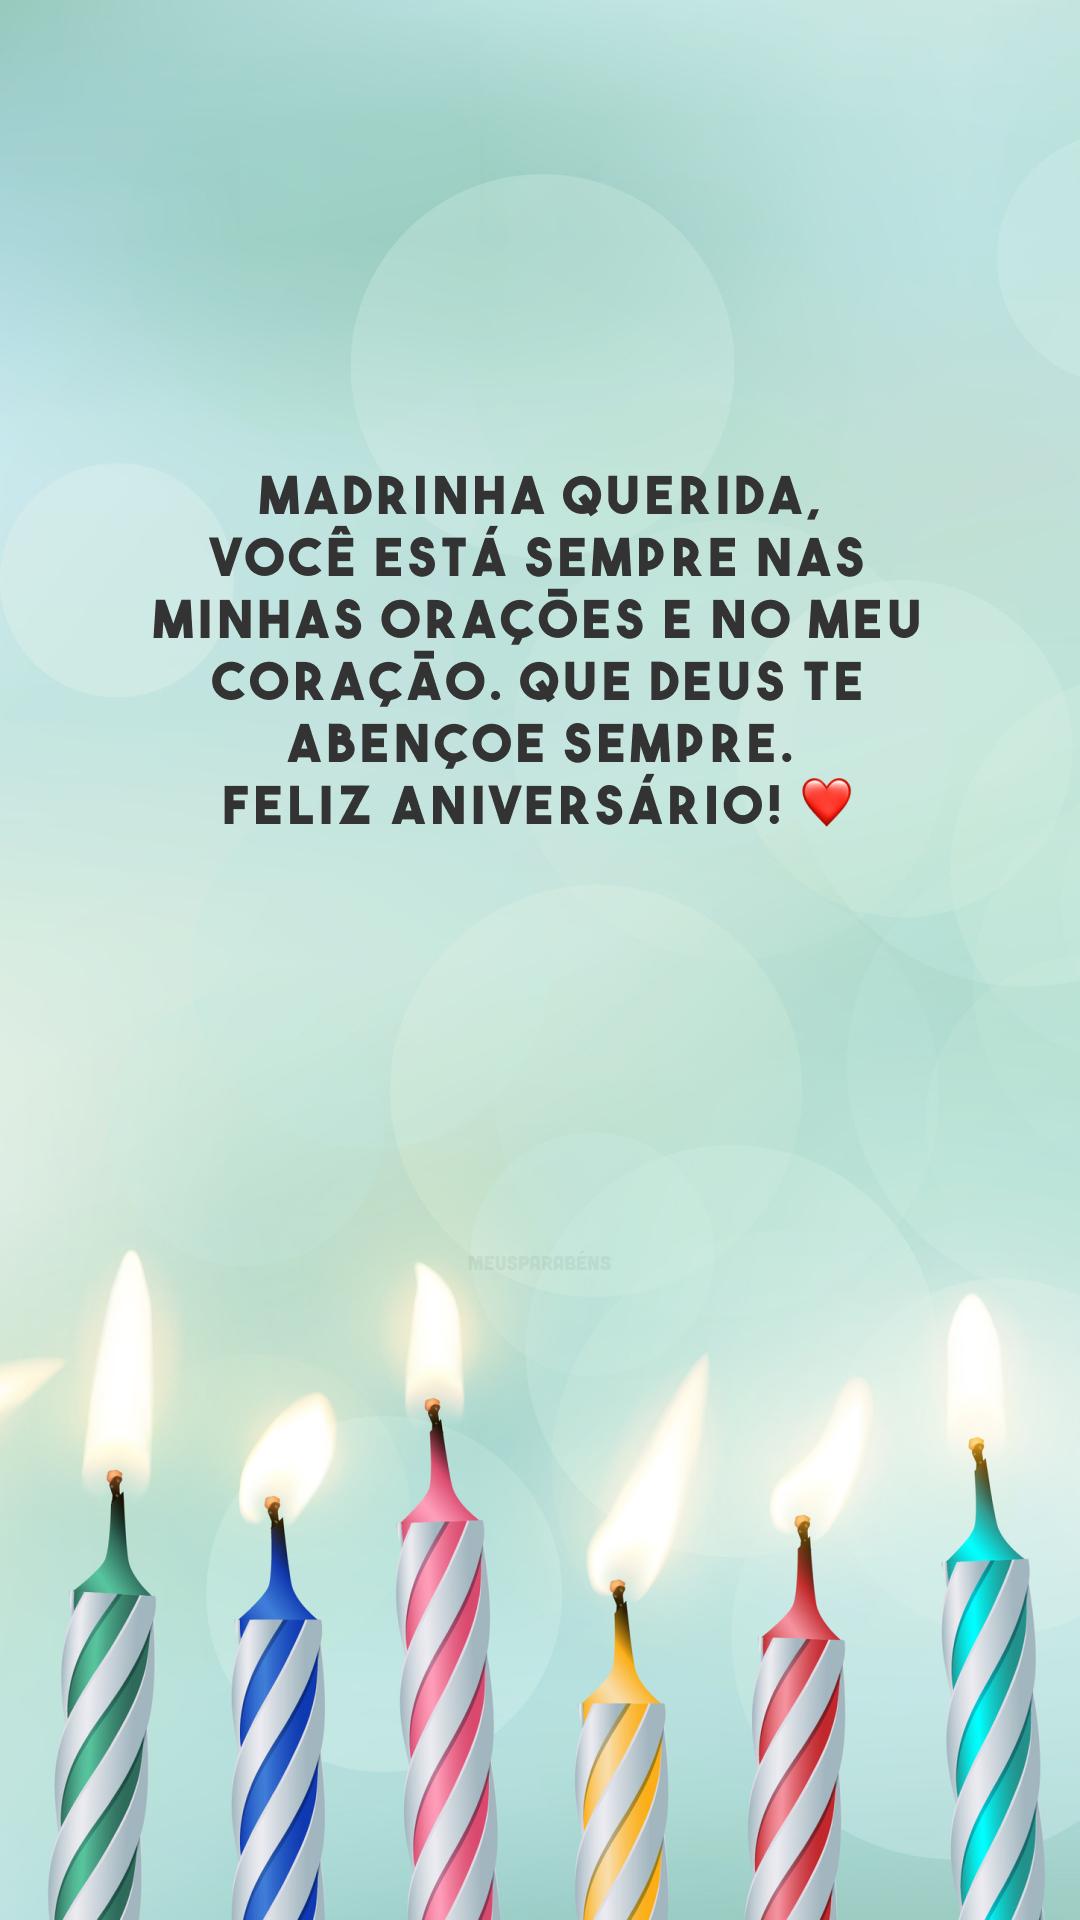 Madrinha querida, você está sempre nas minhas orações e no meu coração. Que Deus te abençoe sempre. Feliz aniversário! ❤️